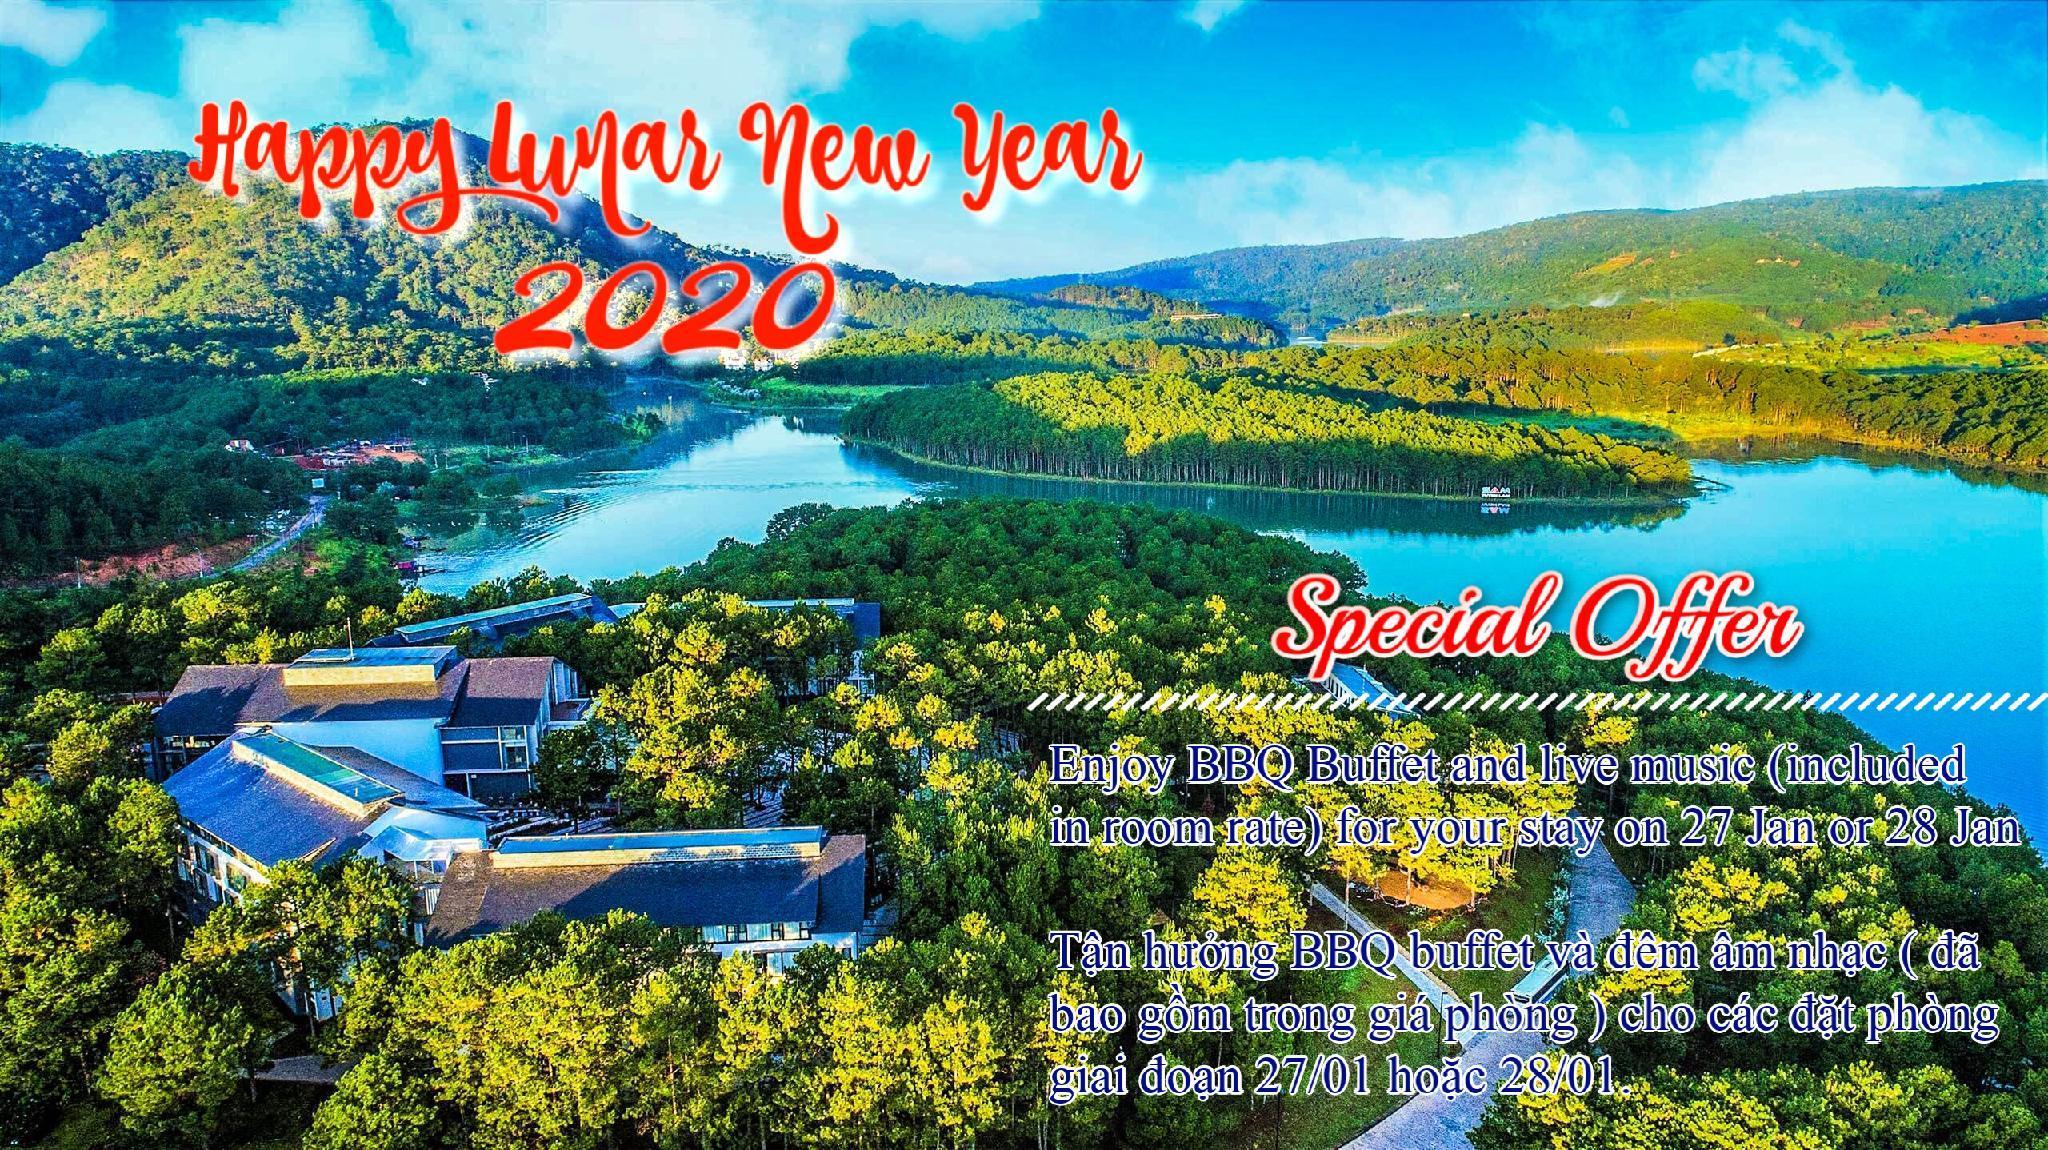 Terracotta Hotel And Villa Tuyen Lam Lake Dalat